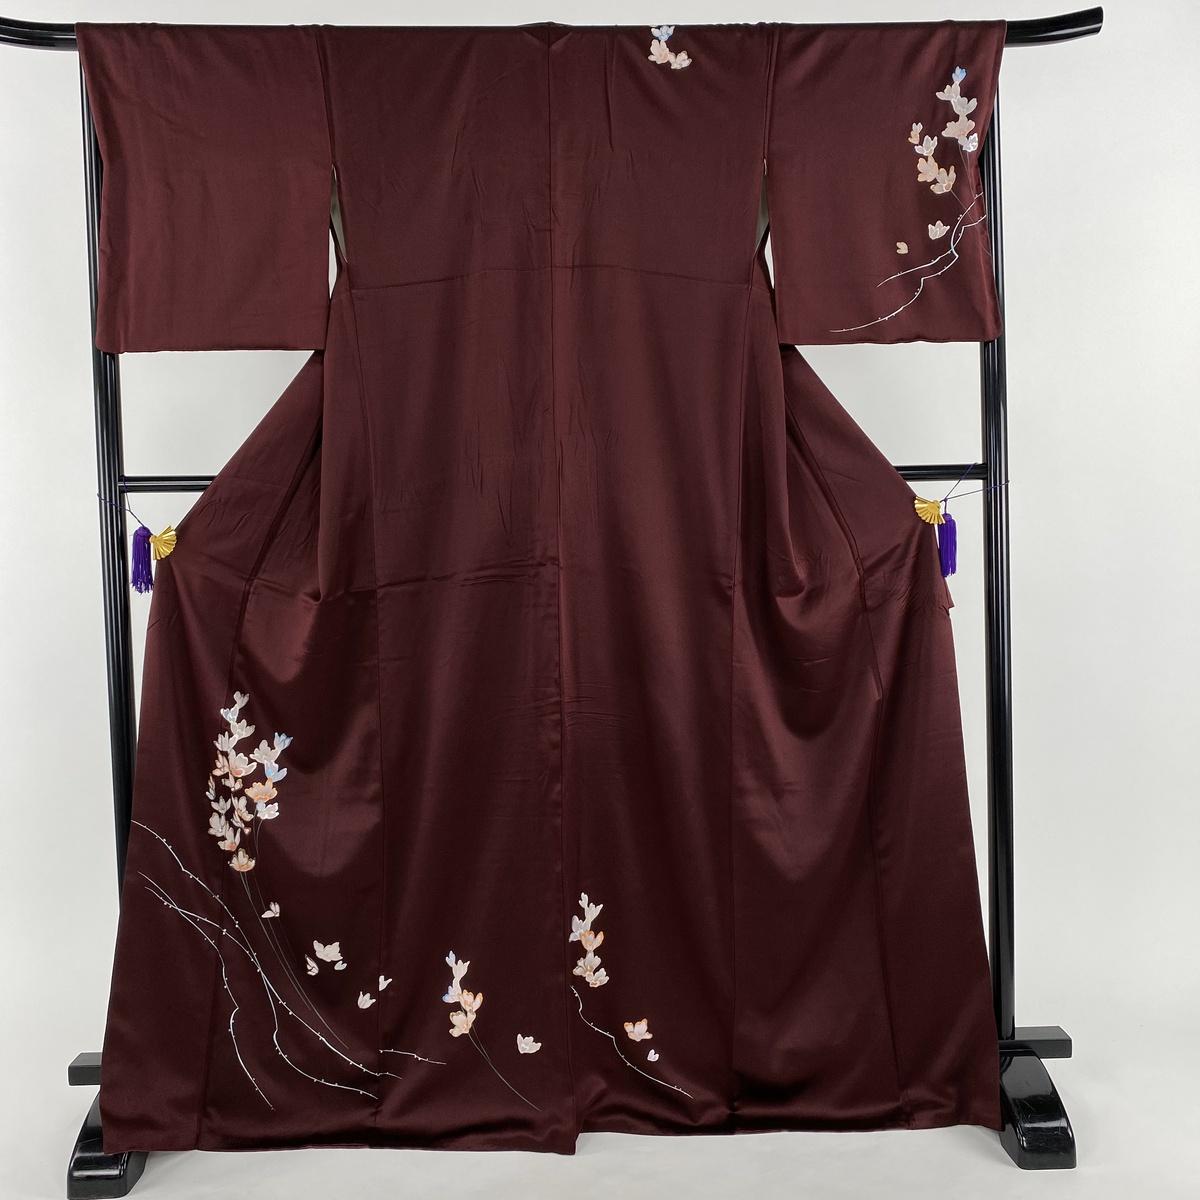 付下げ 美品 秀品 草花 金銀彩 赤紫 袷 身丈170.5cm 裄丈64.5cm M 正絹 【中古】